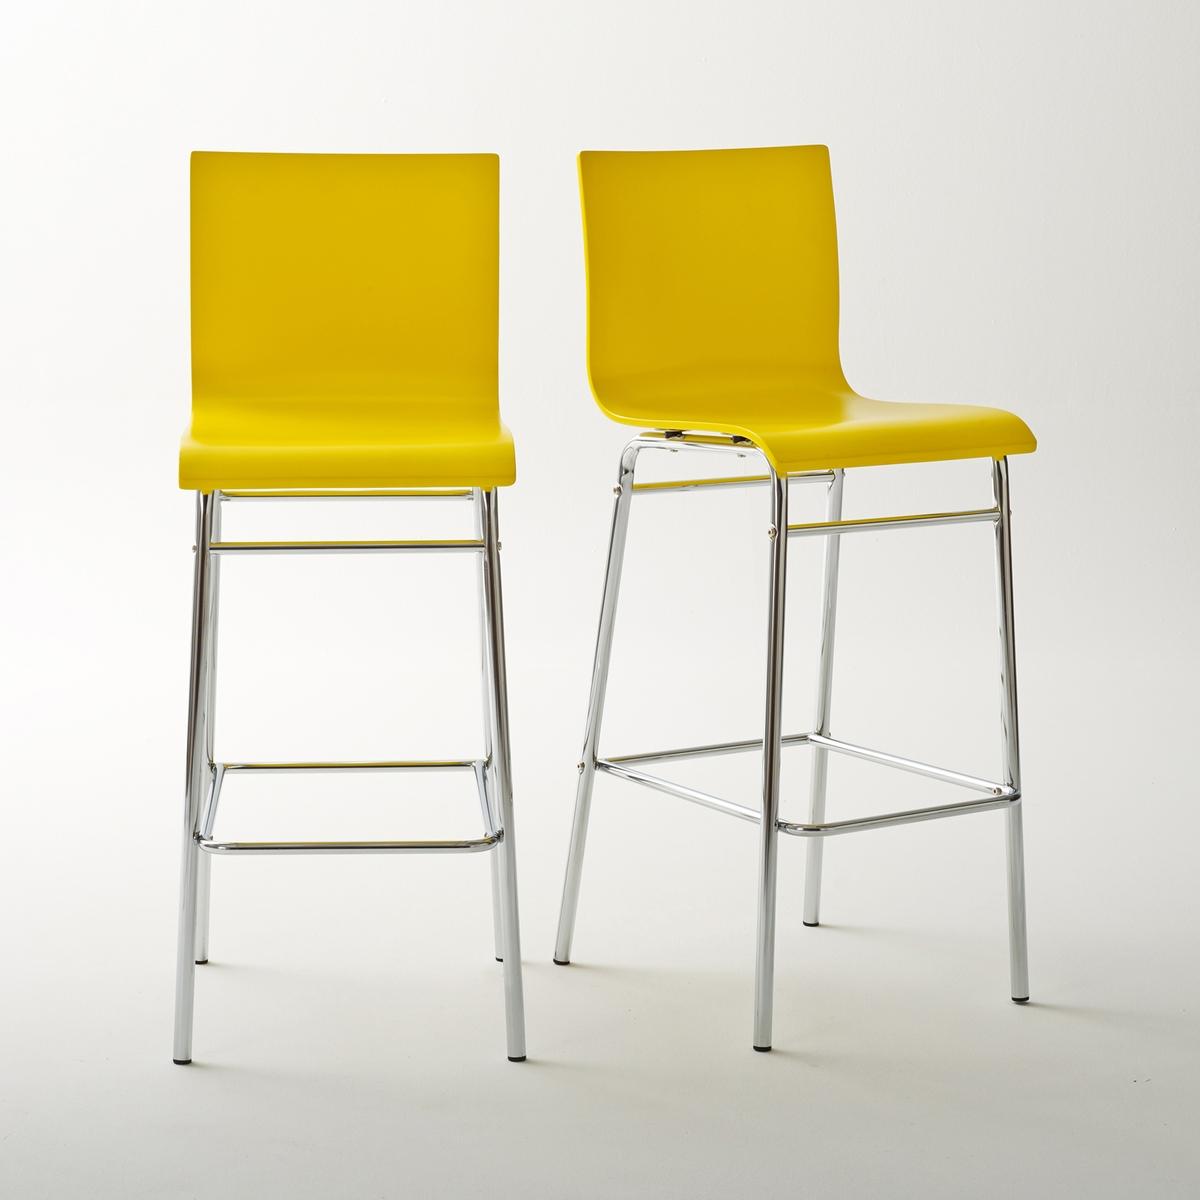 2 стула барных, JanikБарные стулья Janik на высоких ножках ! 4 модных цвета, которые можно сочетать, для более яркого эффекта  !Характеристики стульев Janik :Спинка и сиденье из фанеры, ПУ-лакировка  . Ножки из хромированной стальной трубки .Стулья продаются по 2 шт одного цвета.Барные стулья Janik продаются готовыми к сборке  Найдите высокий стол Janik, а также всю коллекцию Janik на нашем сайте  .ru.Размеры высоких стульев Janik :Общие :Ширина : 42 смВысота : 110 смГлубина : 50 см..Сиденье : Выс 75 см<br><br>Цвет: желтый,серо-коричневый